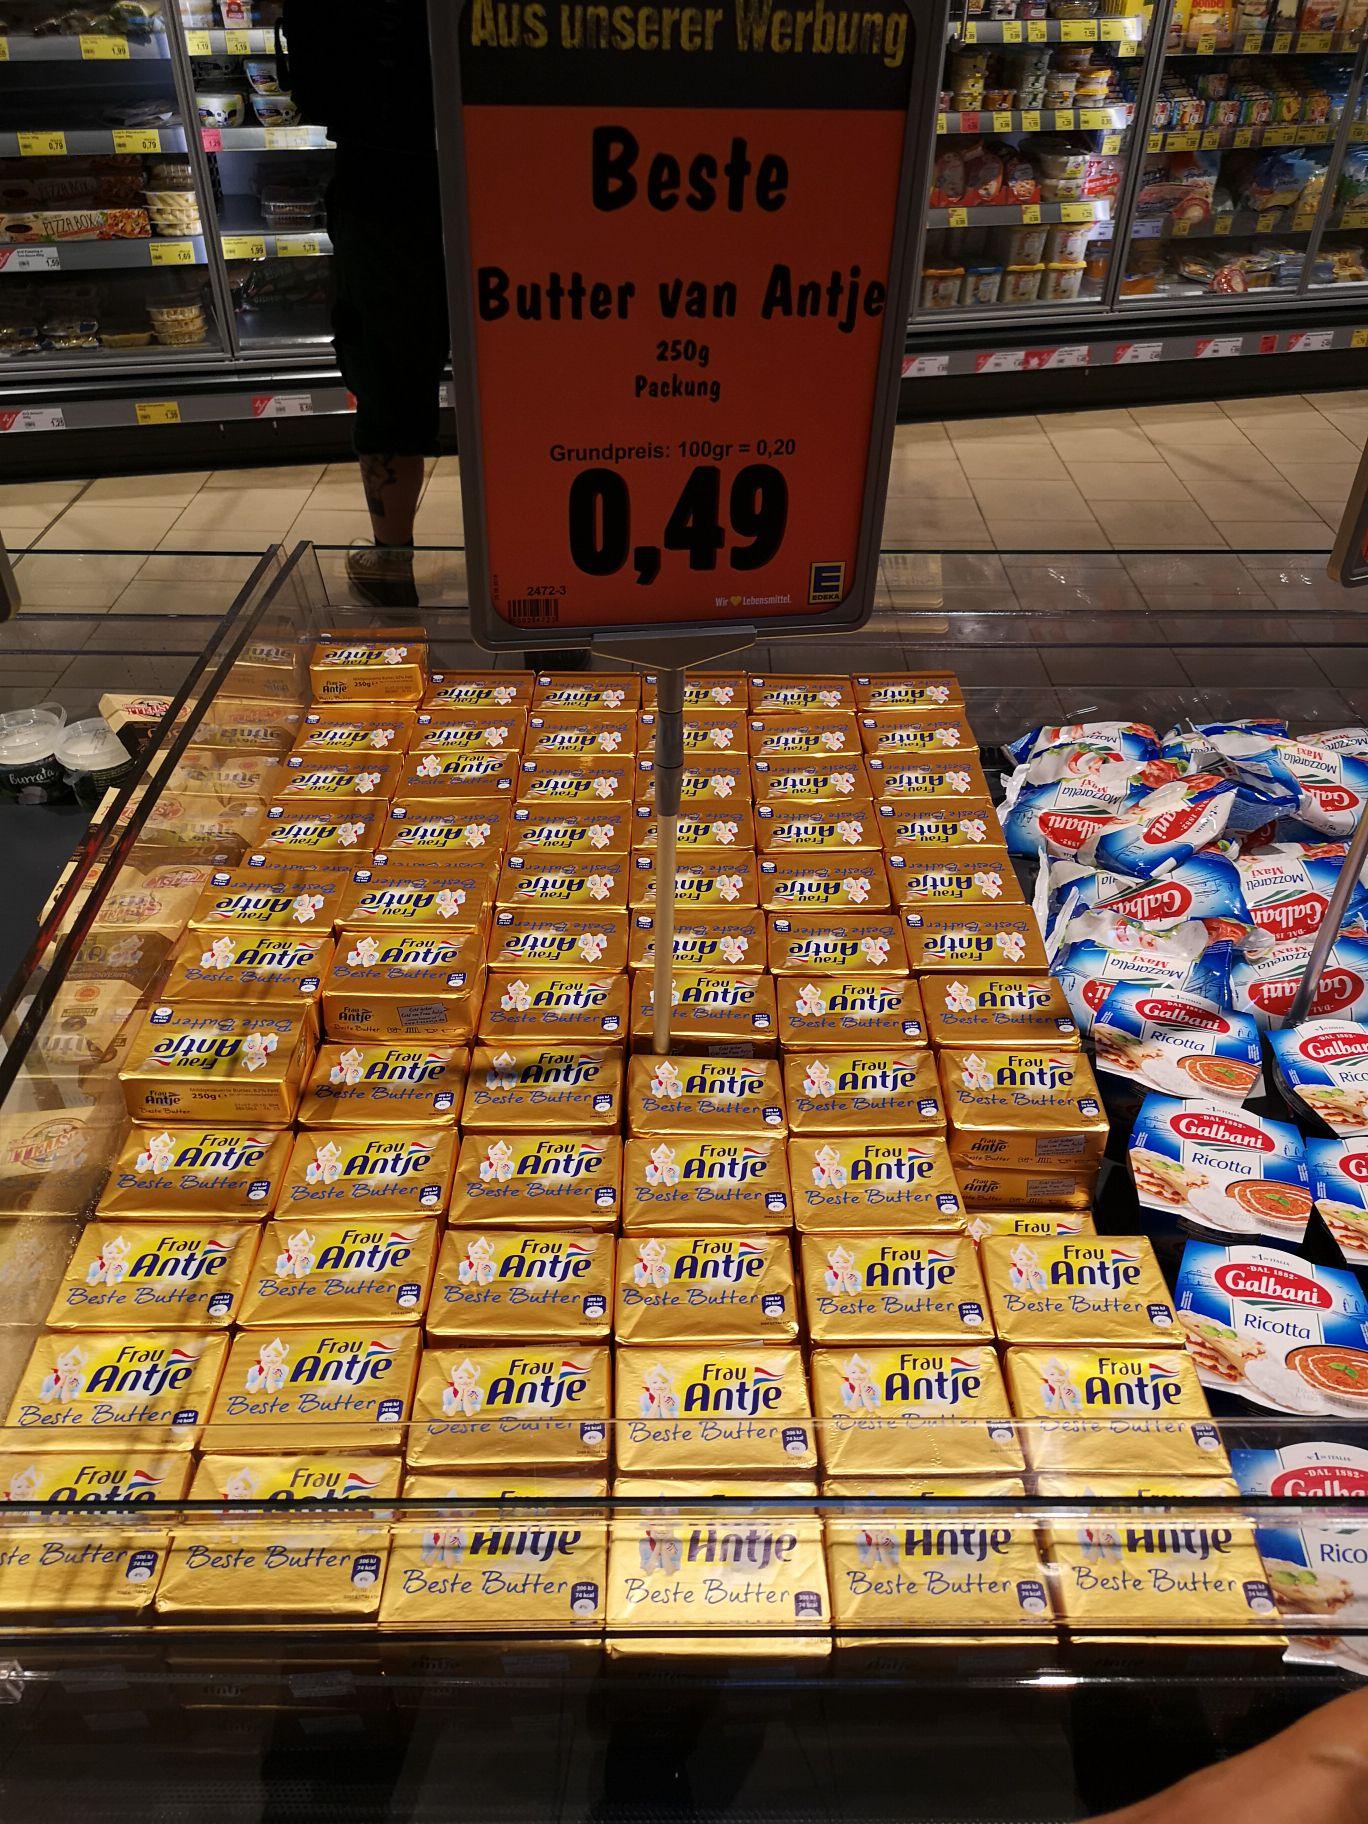 Edeka (Hagen/altenhagen) antje butter 0.49€ statt 2.29€